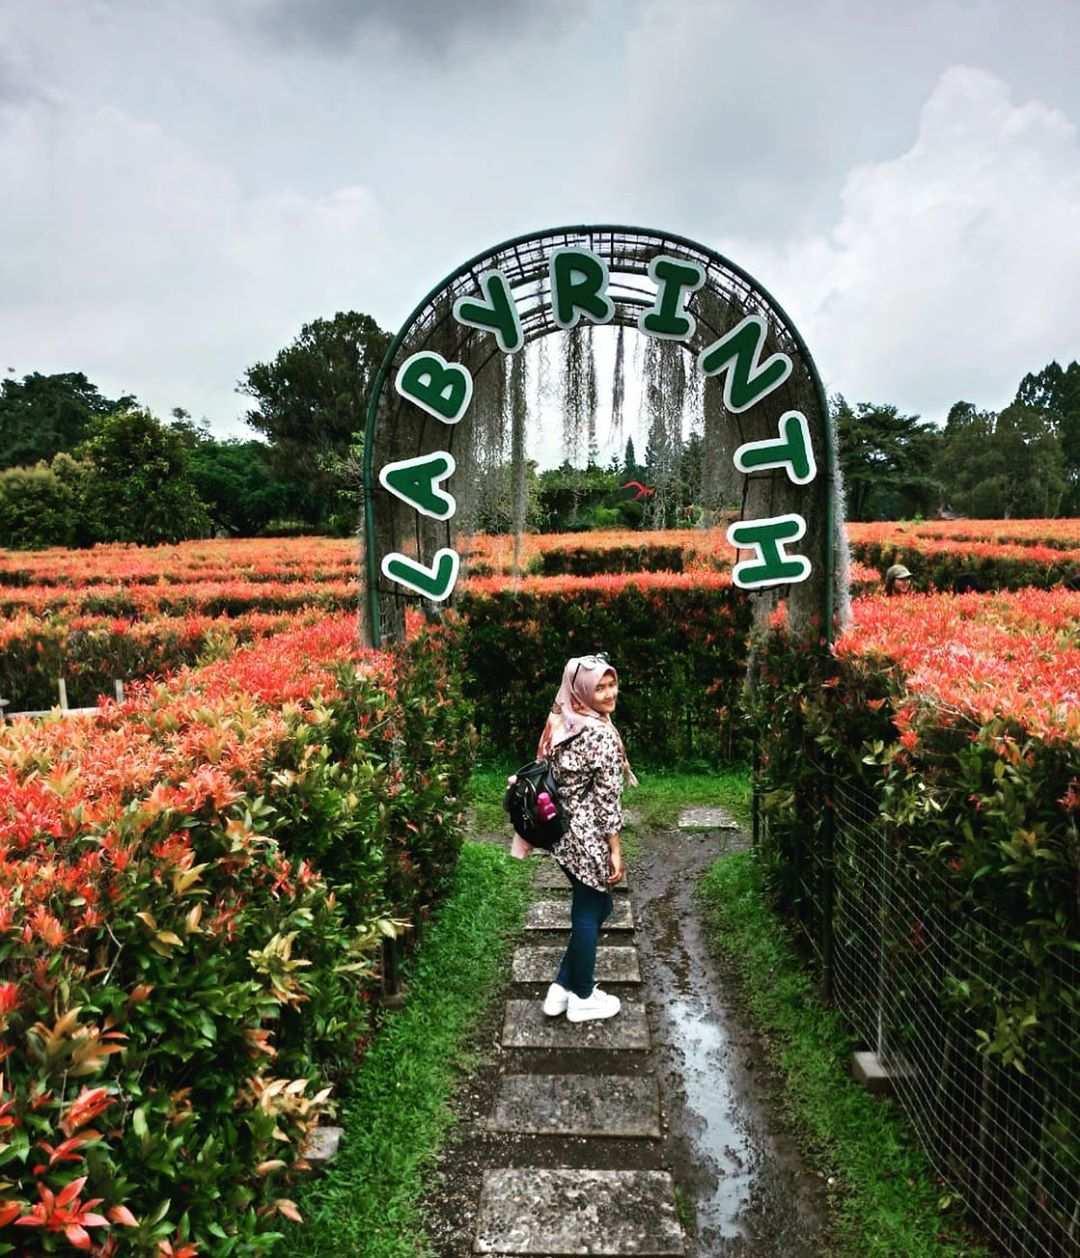 Berfoto di Pintu Masuk Taman Labirin Image From @silviadewi.s